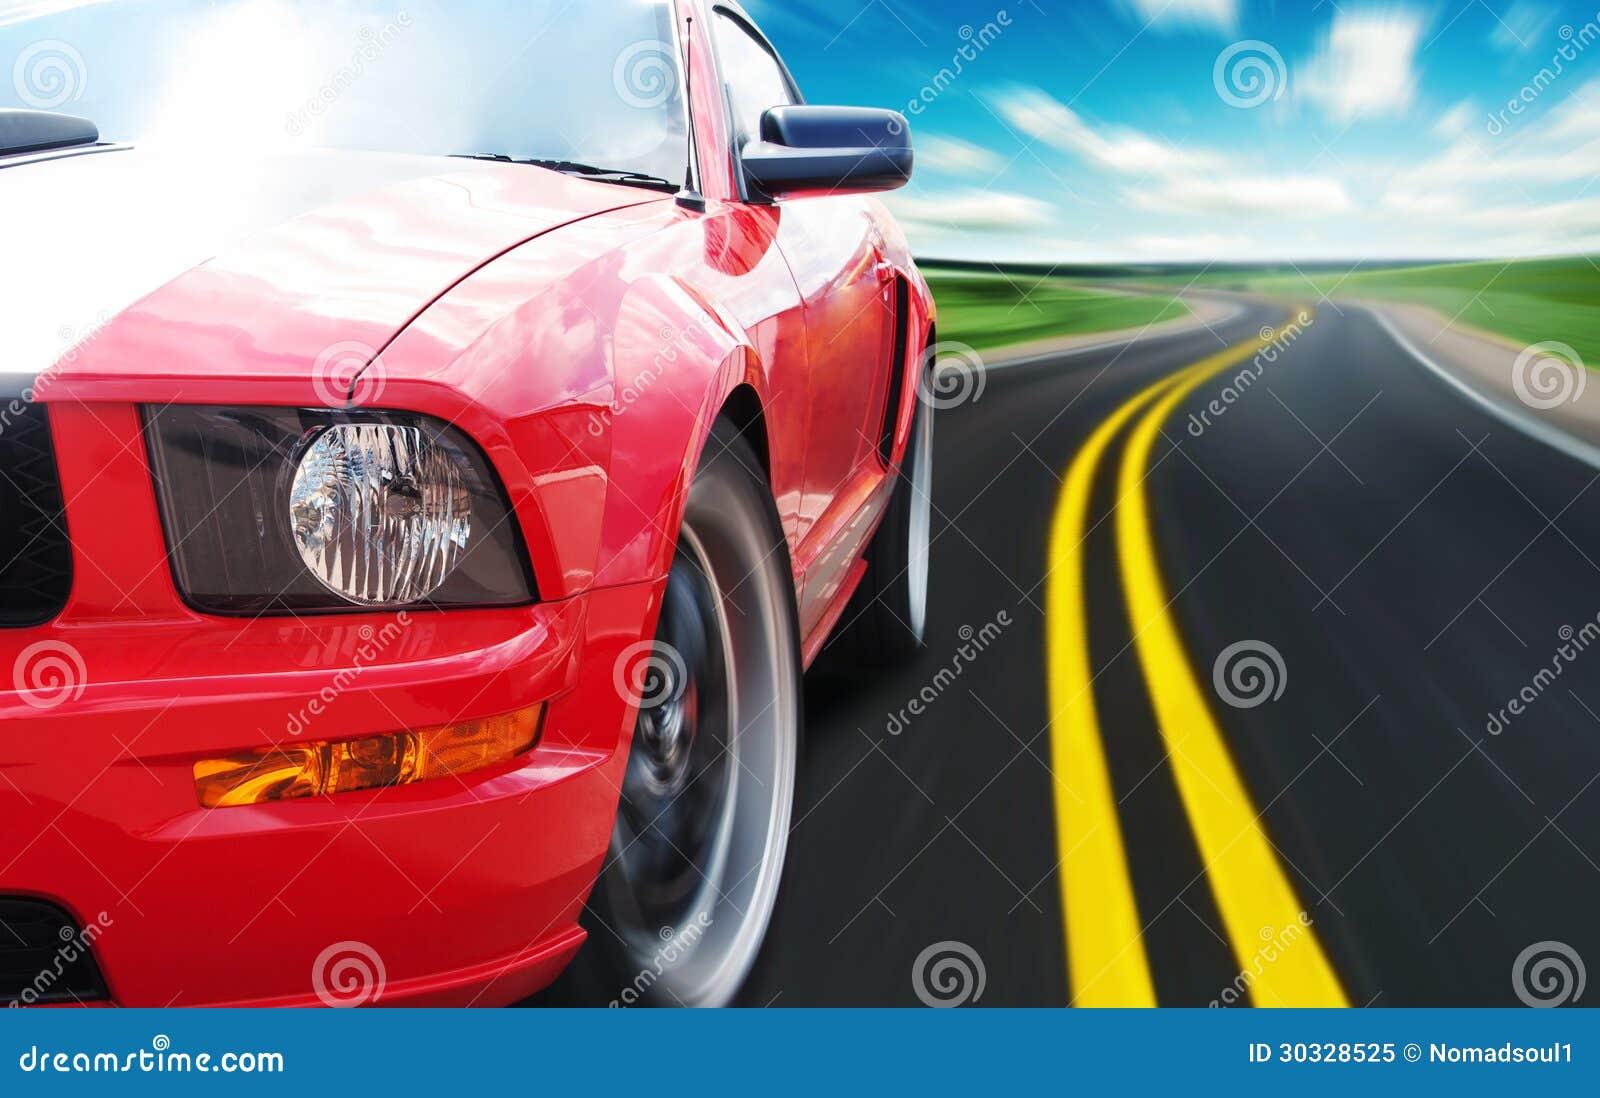 Download 红色跑车 库存图片. 图片 包括有 国家(地区), 高速公路, 汽车, 赛跑, 模式, 本质, 颜色, 快速 - 30328525